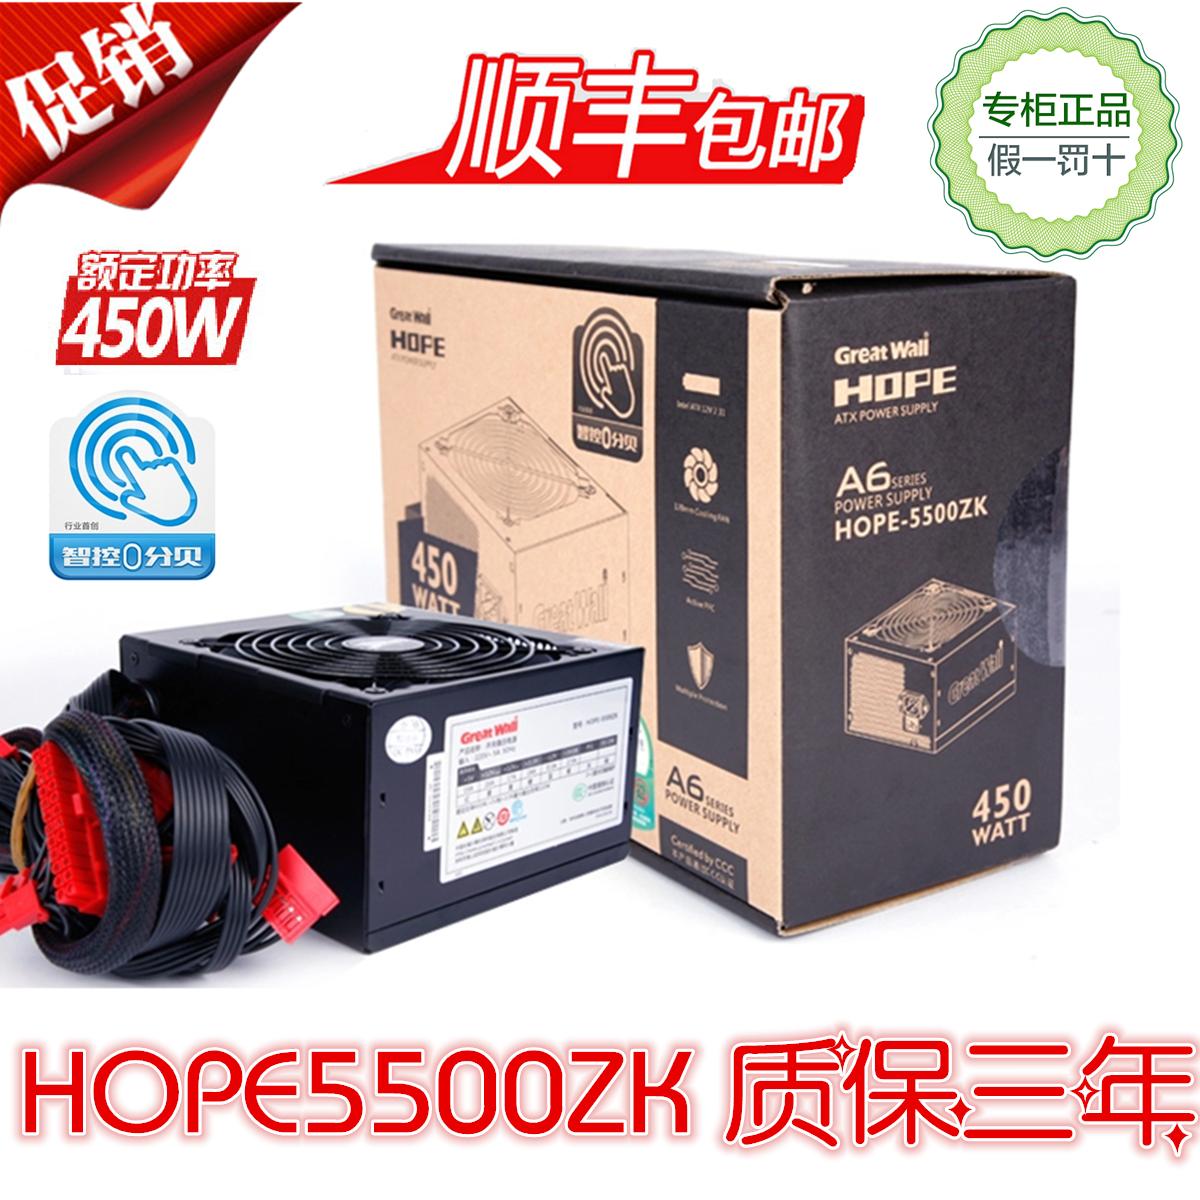 长城电源 HOPE5500ZK电源额定450W台式机静音电脑电源 顺丰包邮